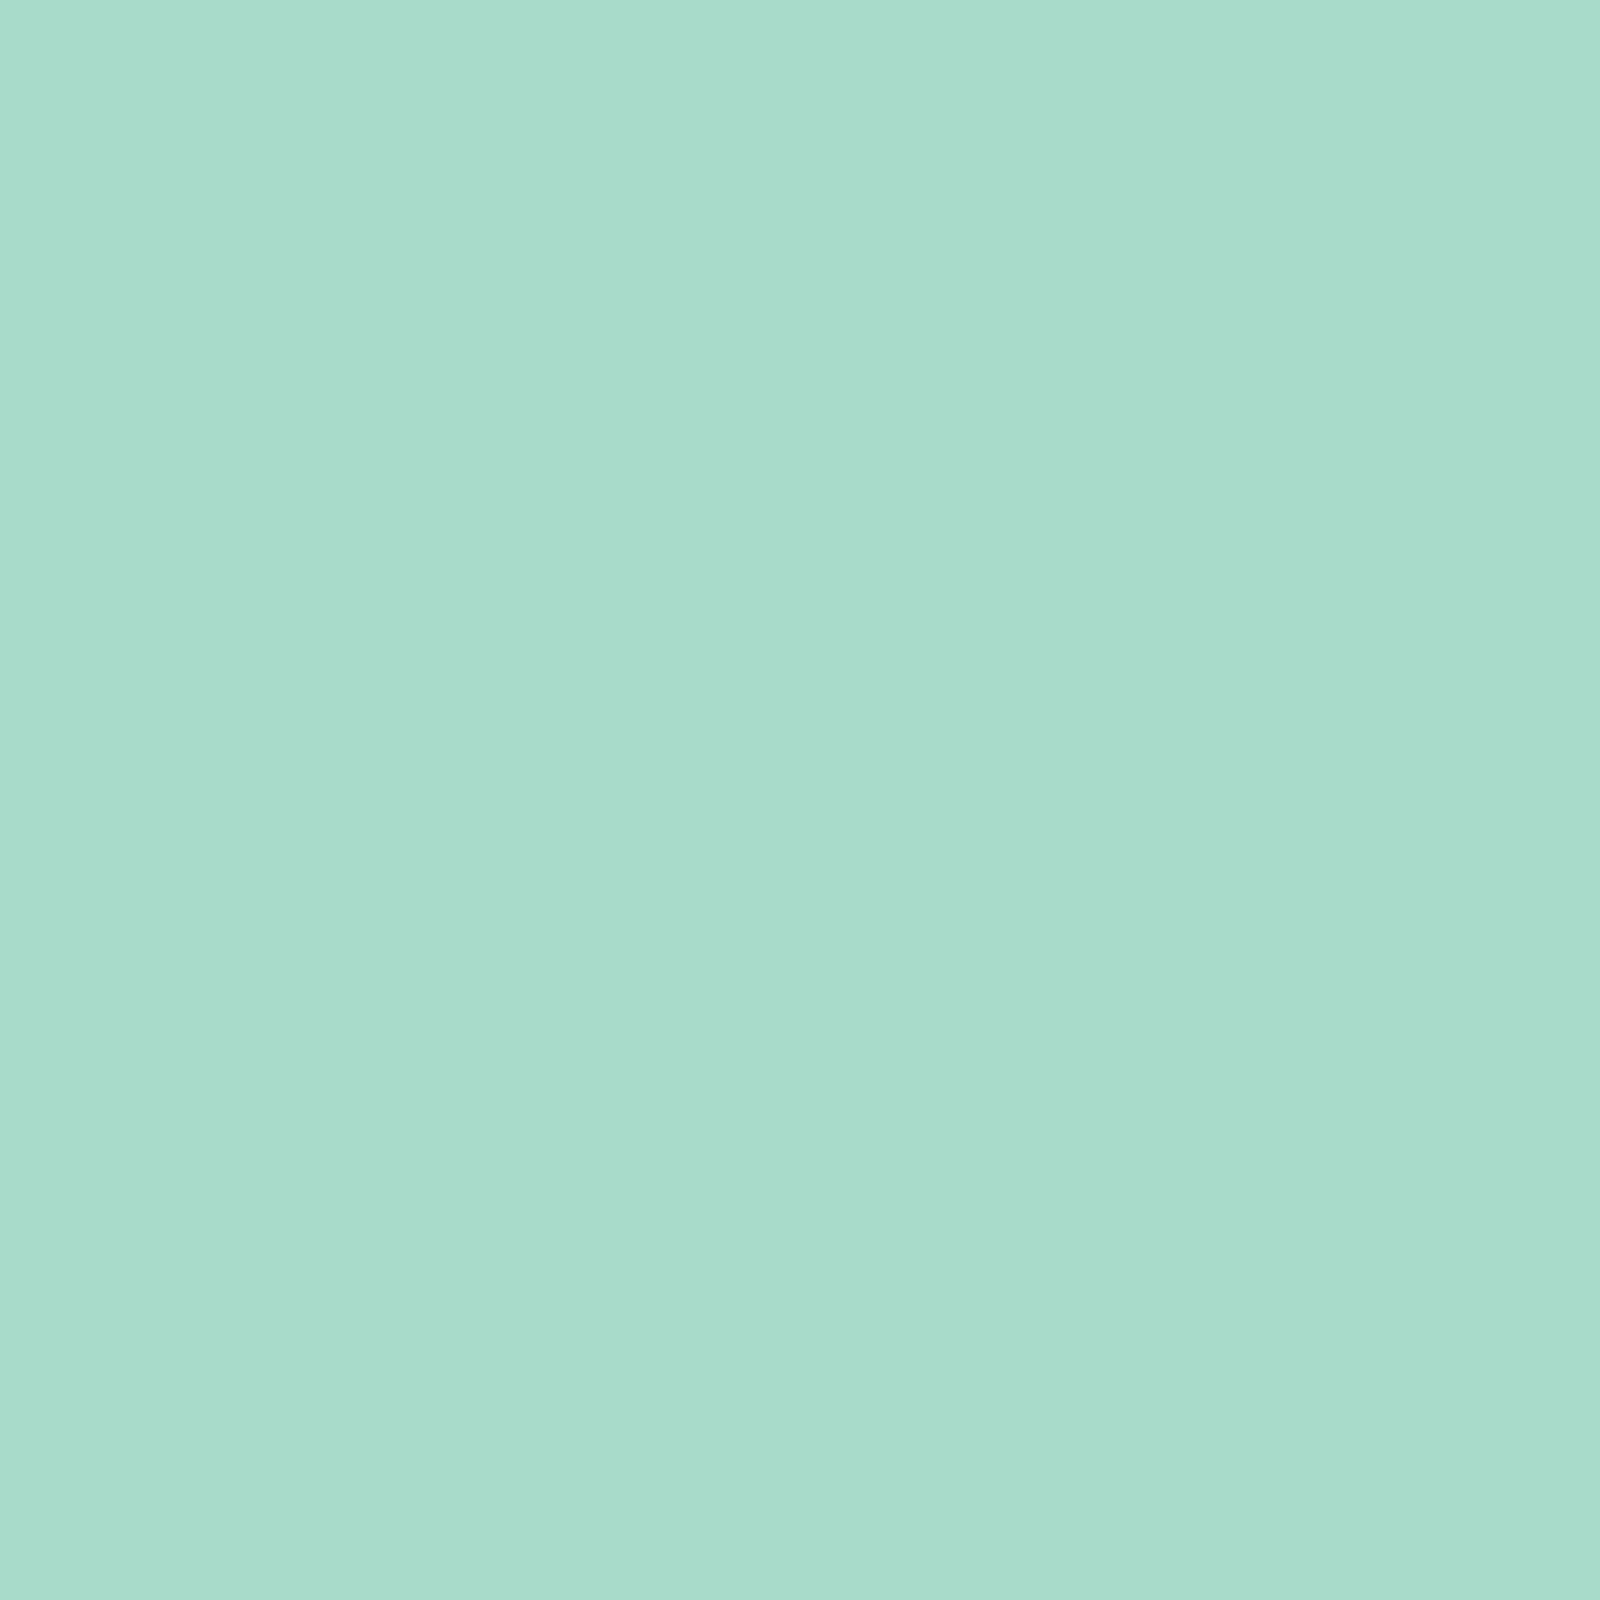 kobra verde mojito